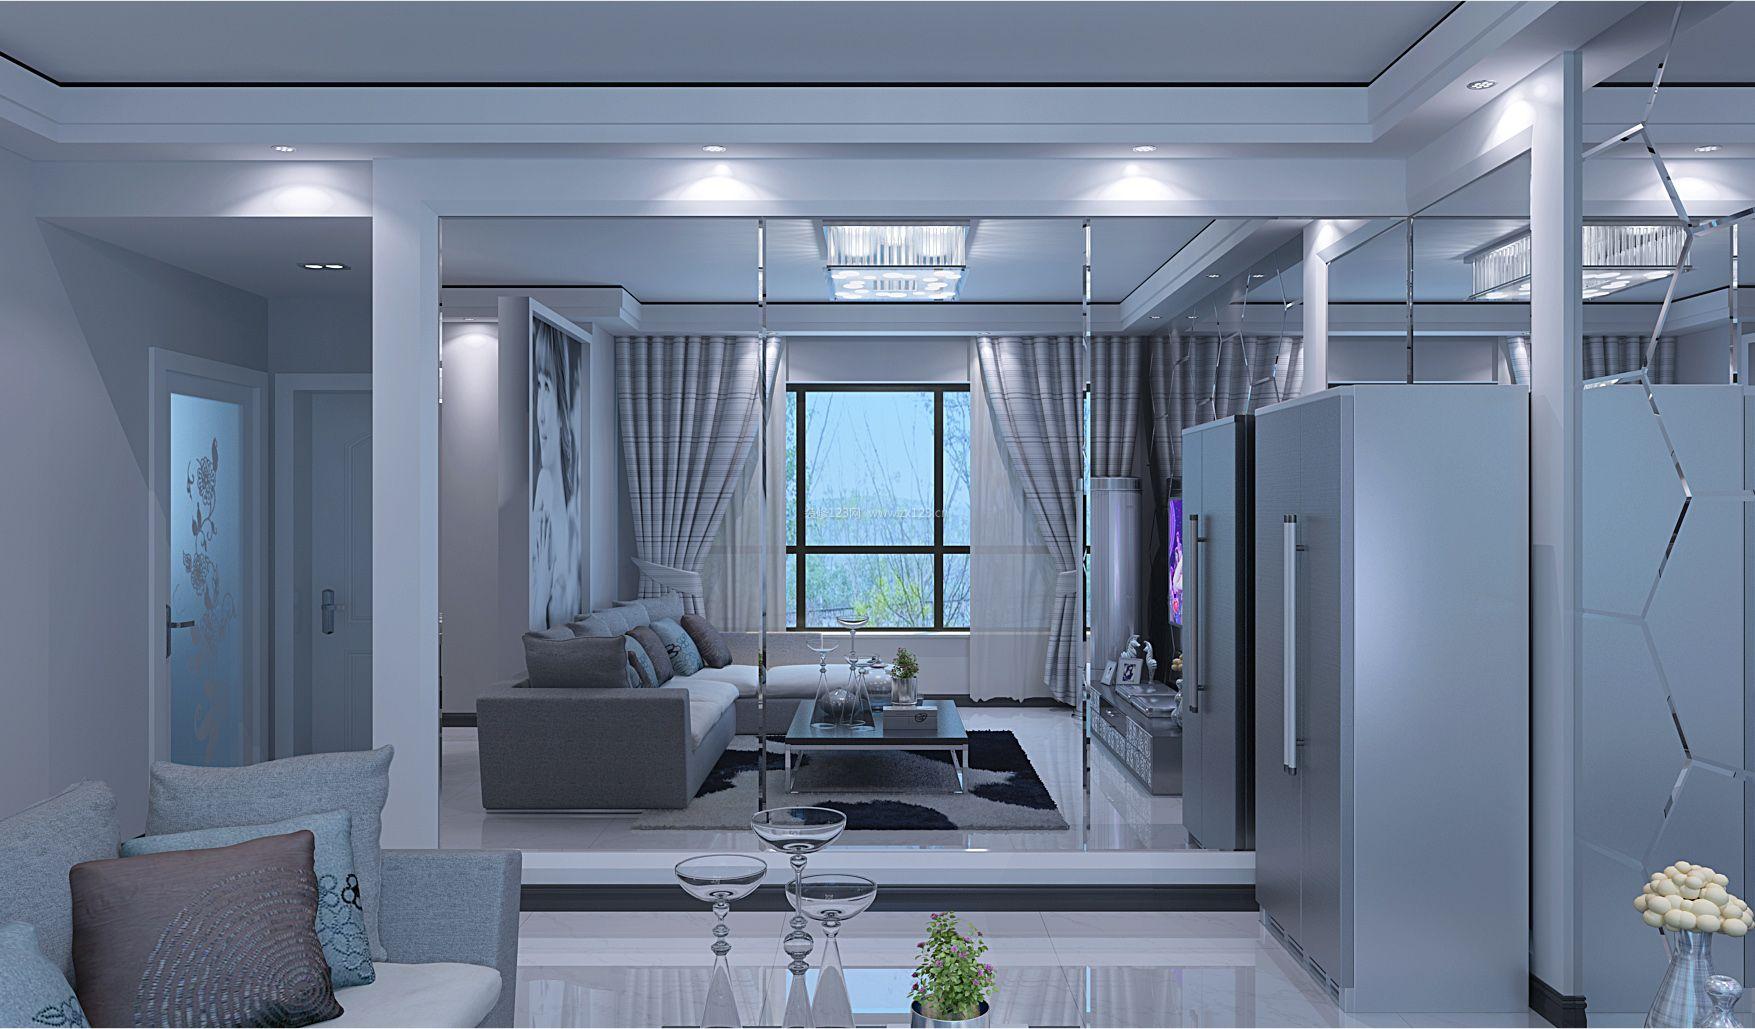 设计靓丽夺 120平米户型房屋室内装修效果图